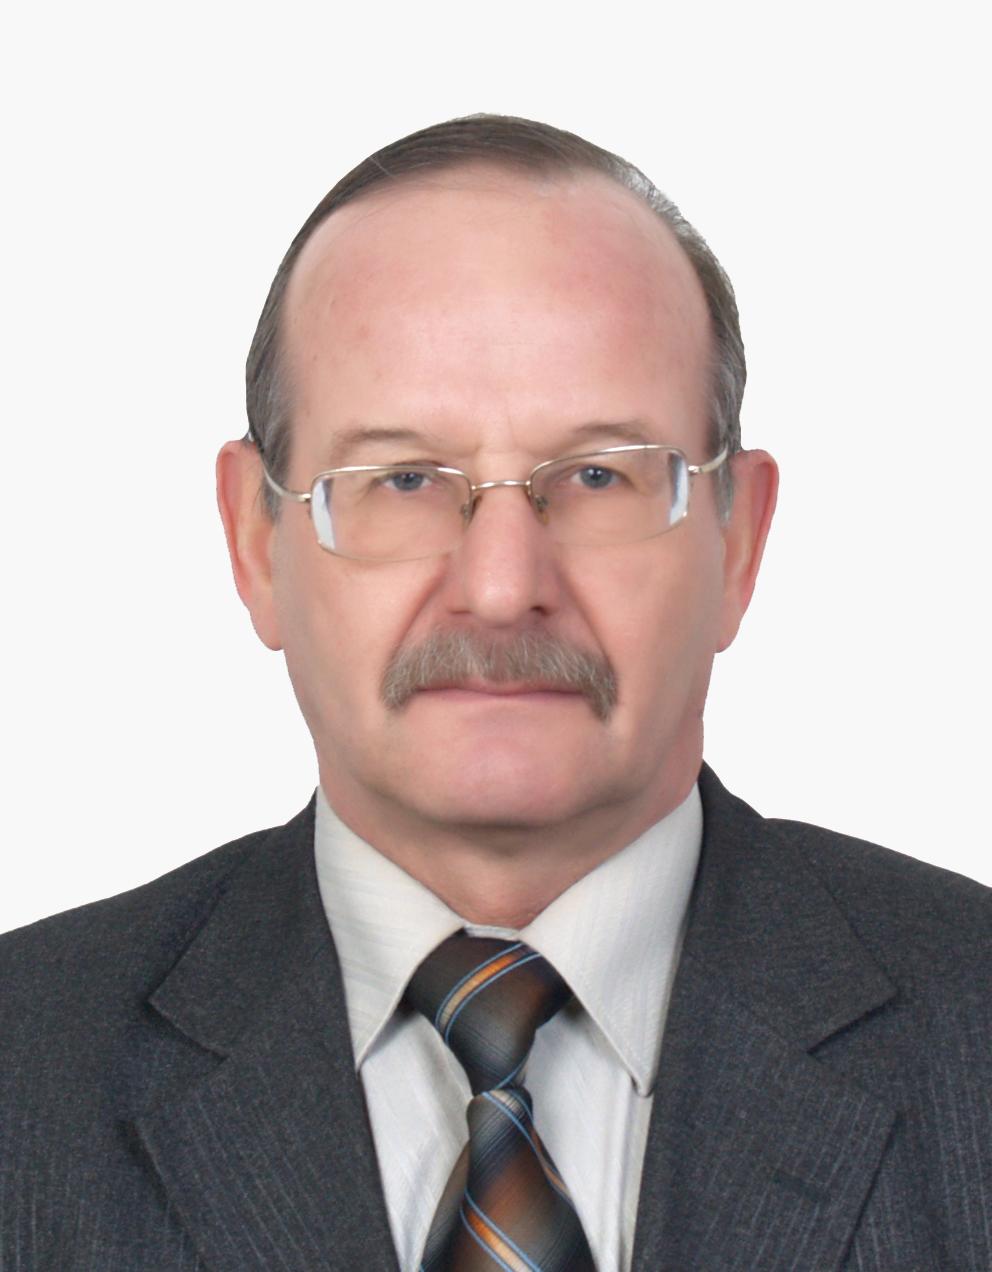 Volodymyr Manakov